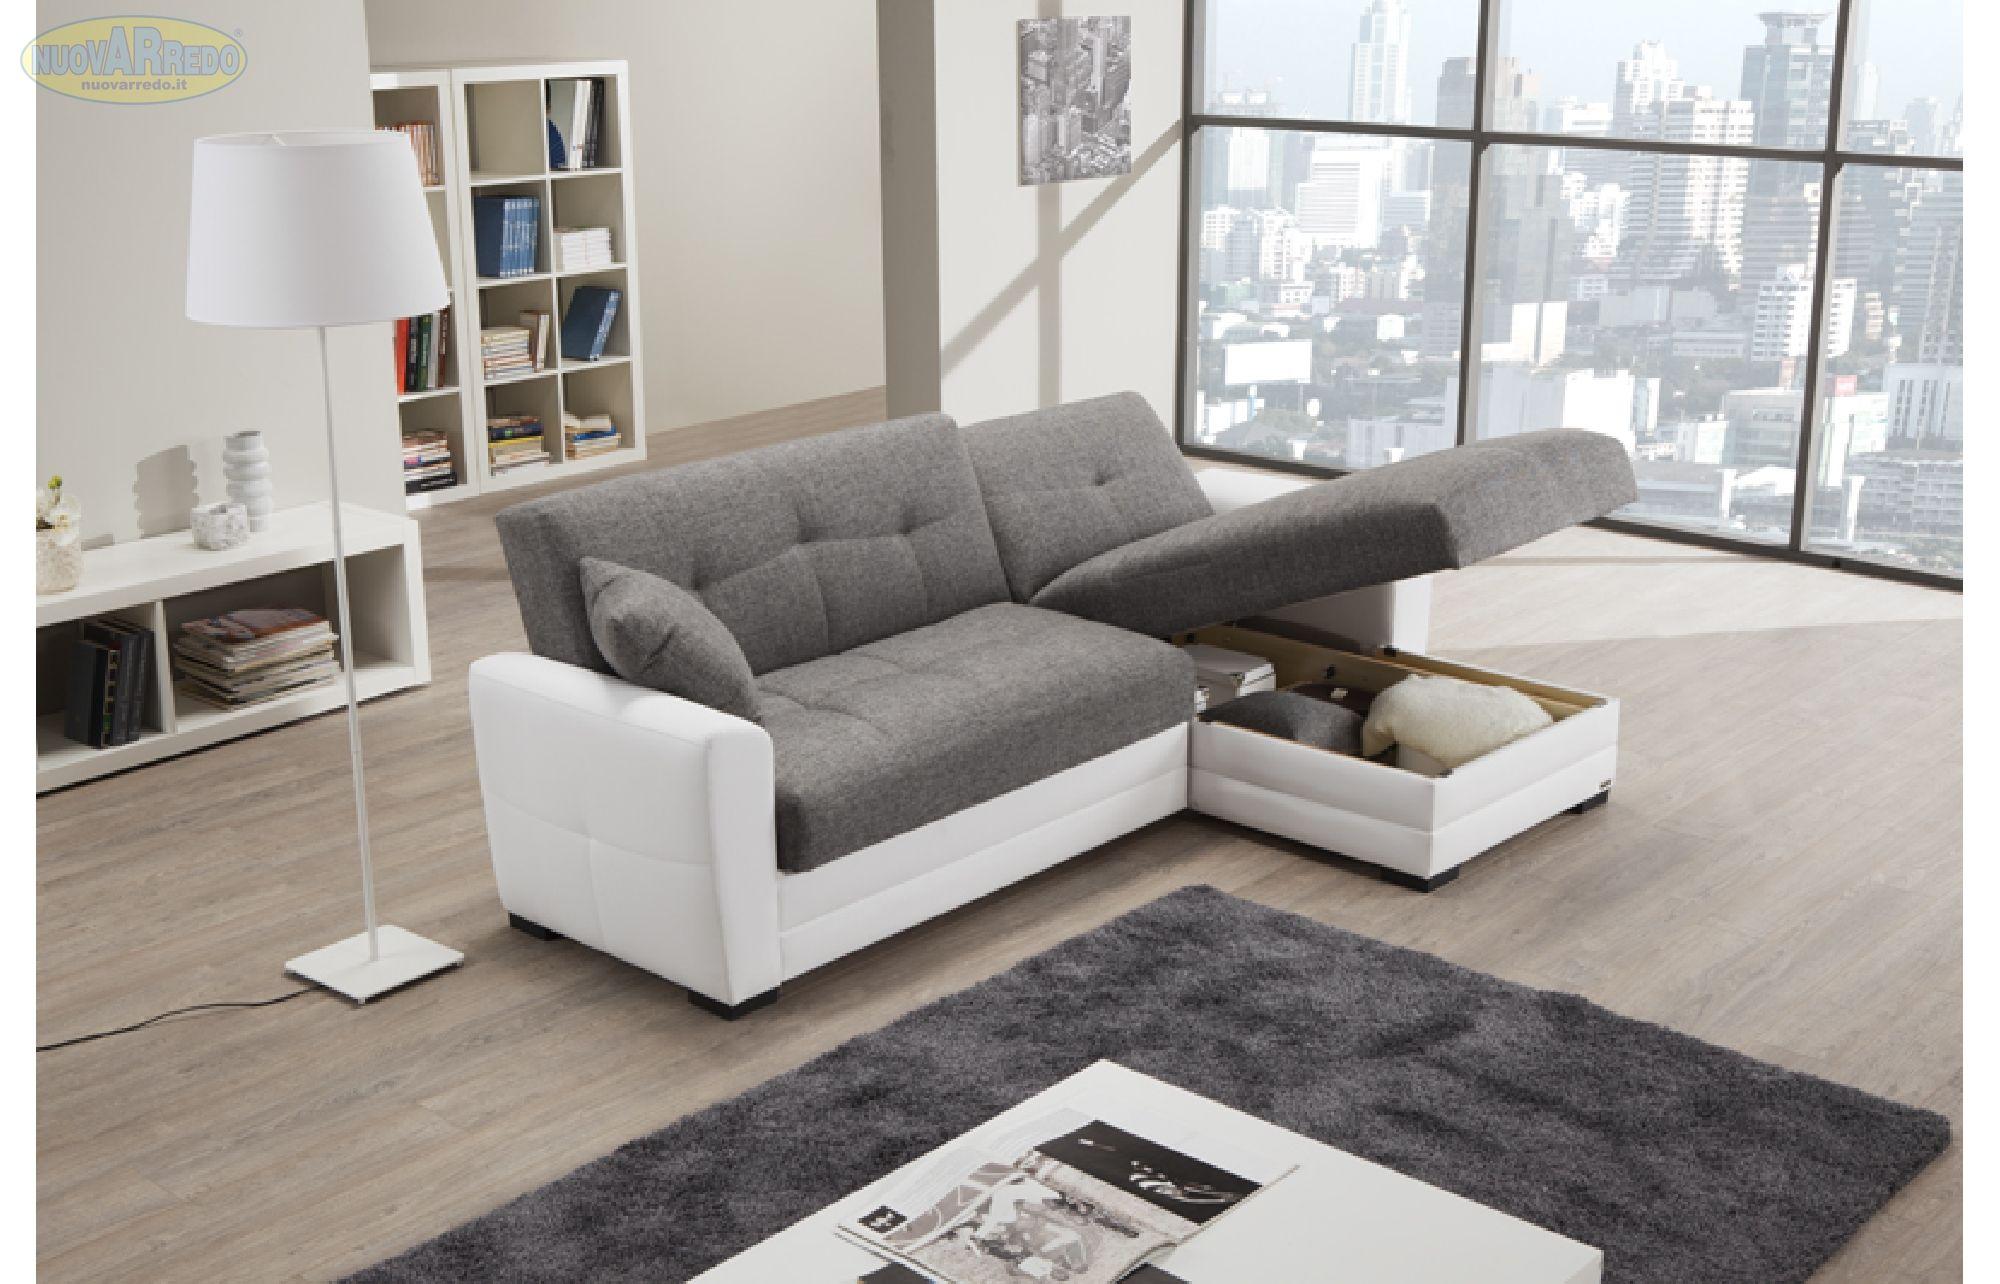 Divano Trapuntato ~ Prezzo u ac divano angolare in ecopelle bianco e tessuto grigio